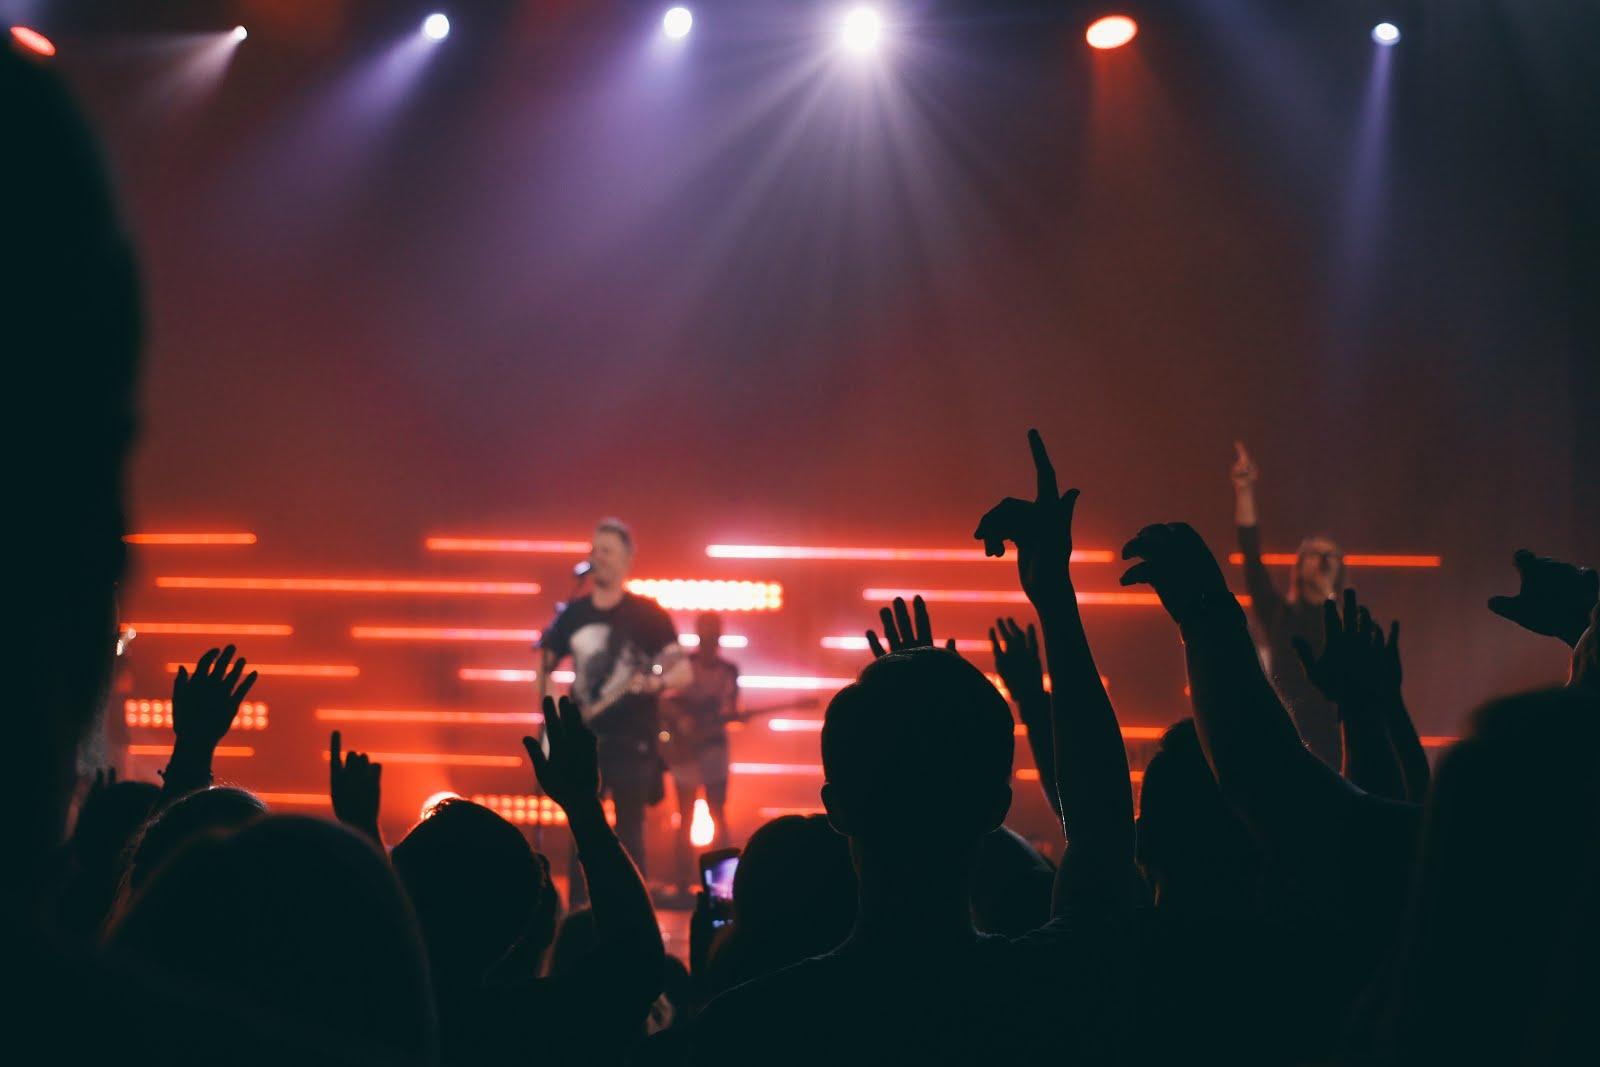 Nossa adoração | PLAYLIST